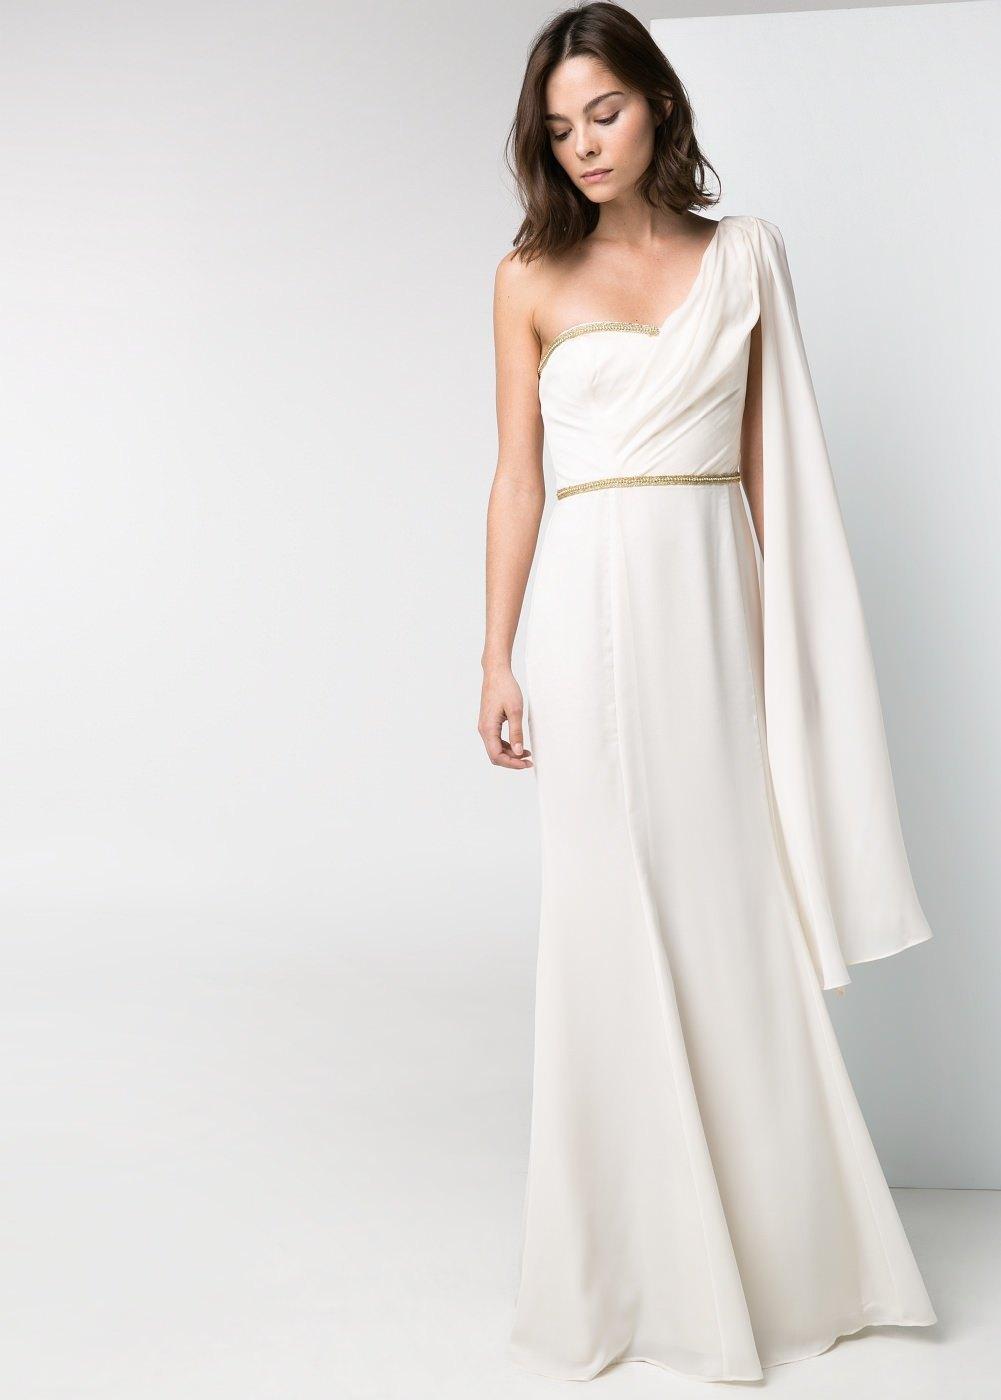 Vestidos de novia por el civil baratos